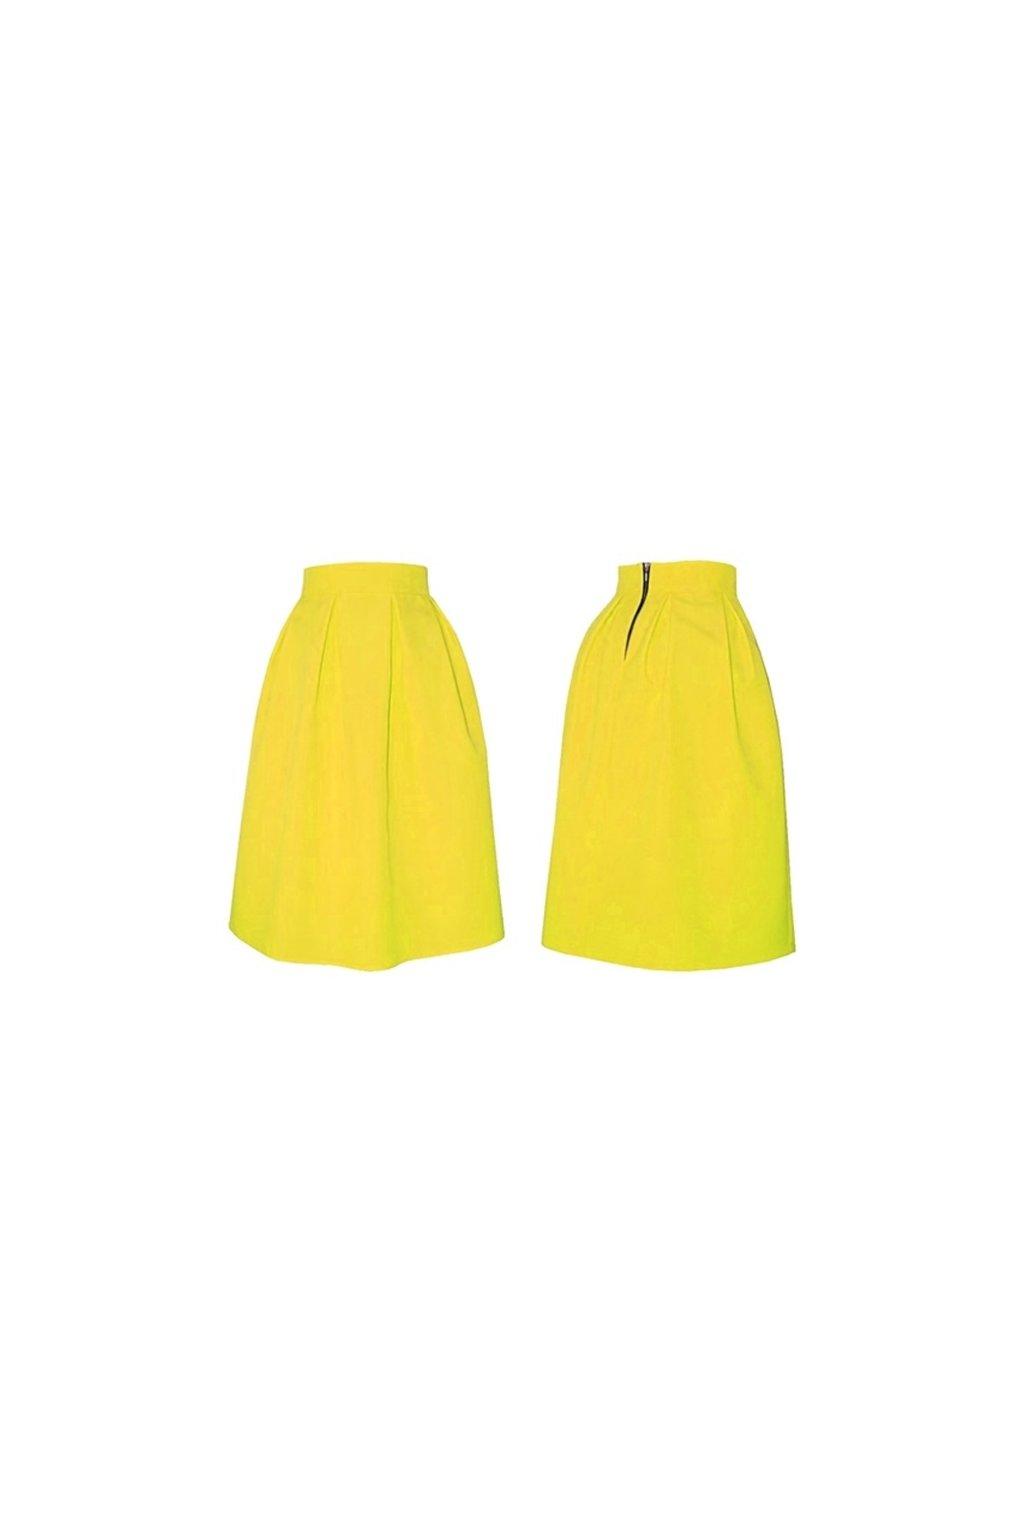 b348c43137bb Áčková sukňa s protizáhybmi žltá - Tentation.sk